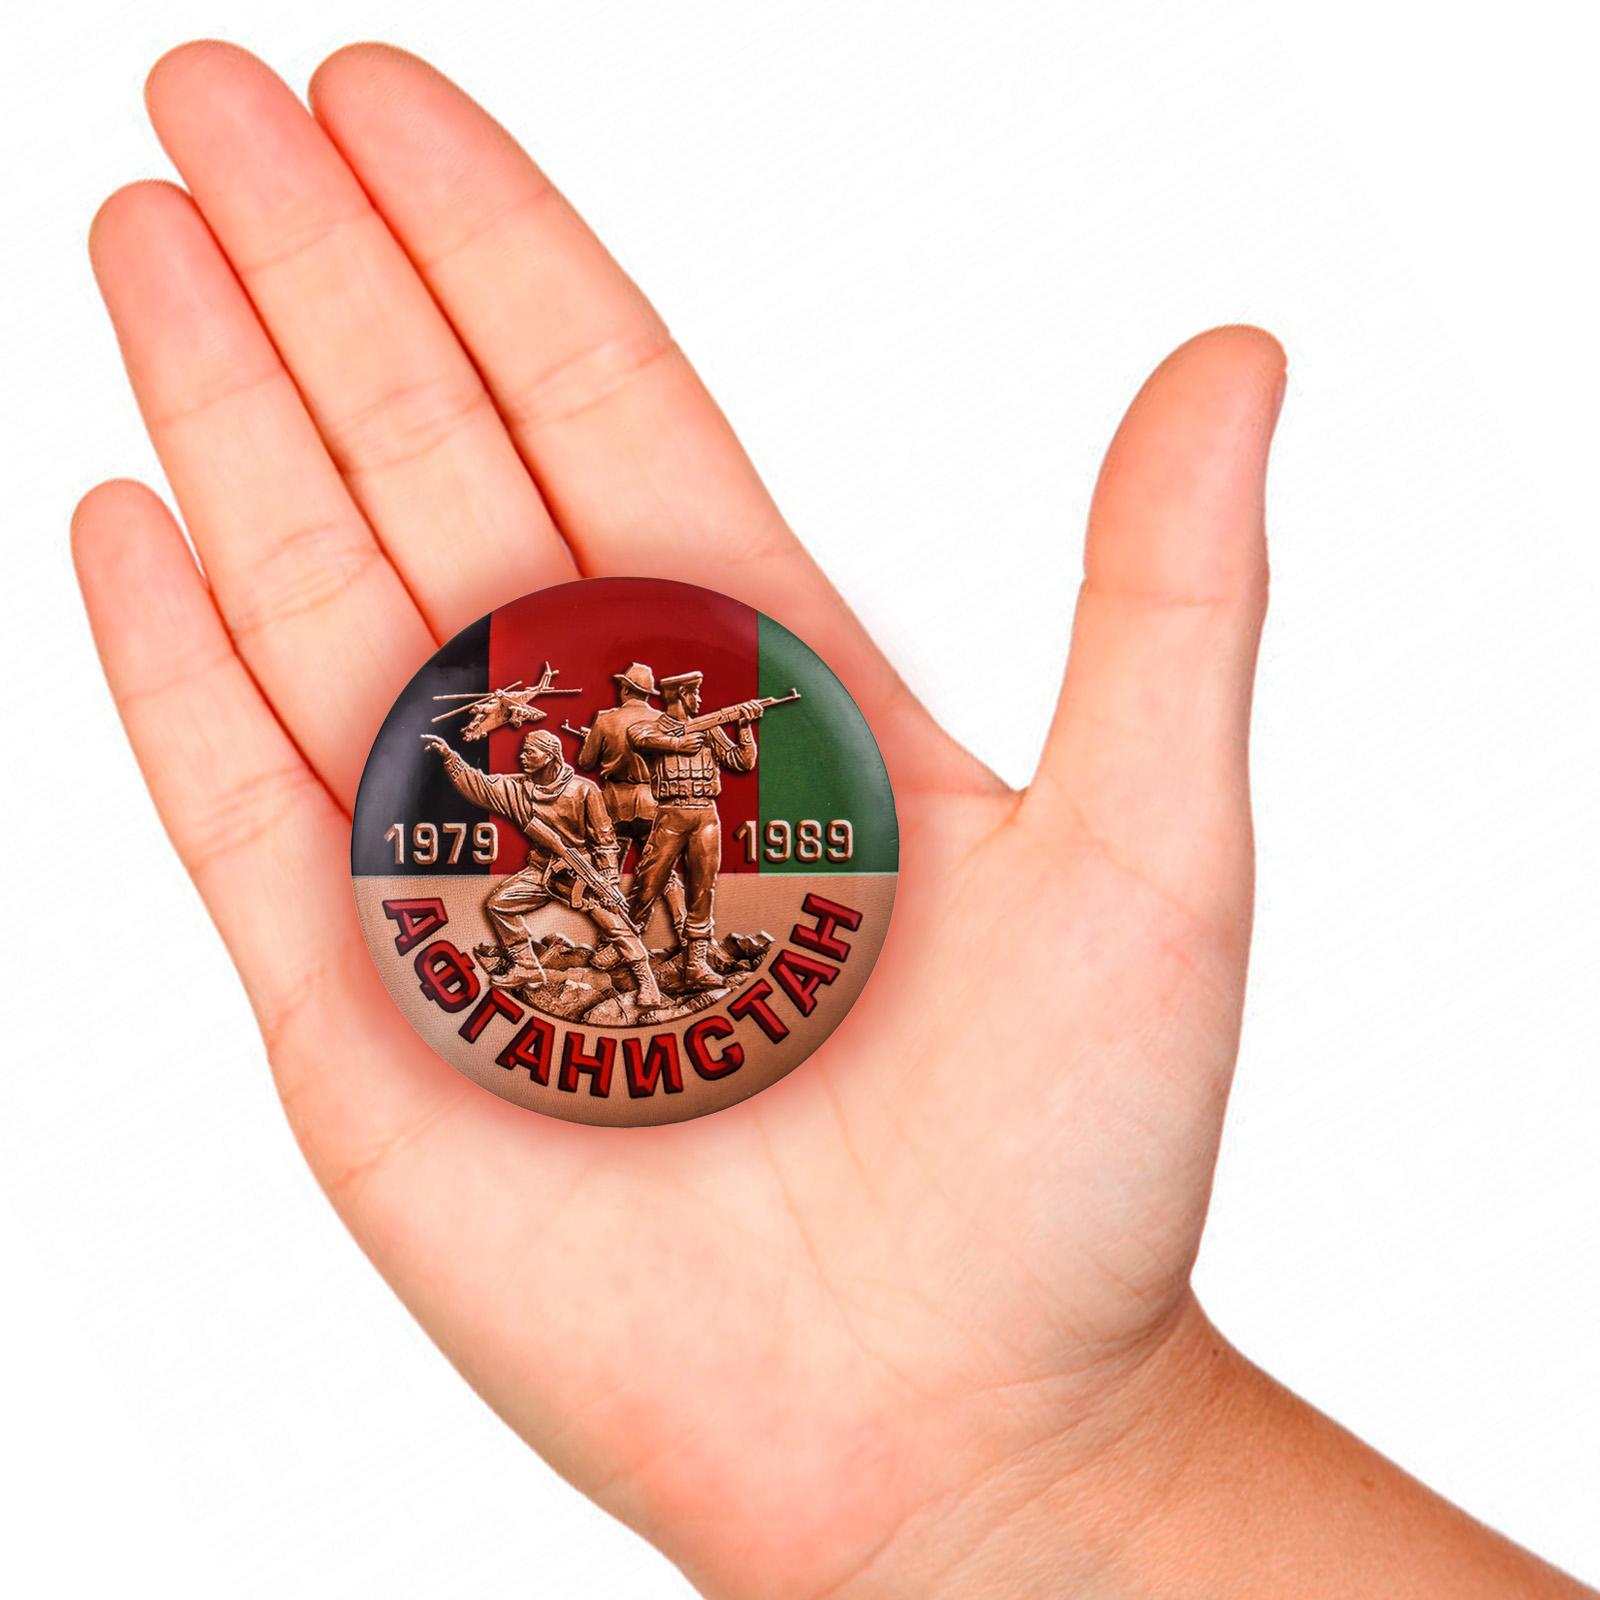 Закатный подарочный значок для афганца с доставкой